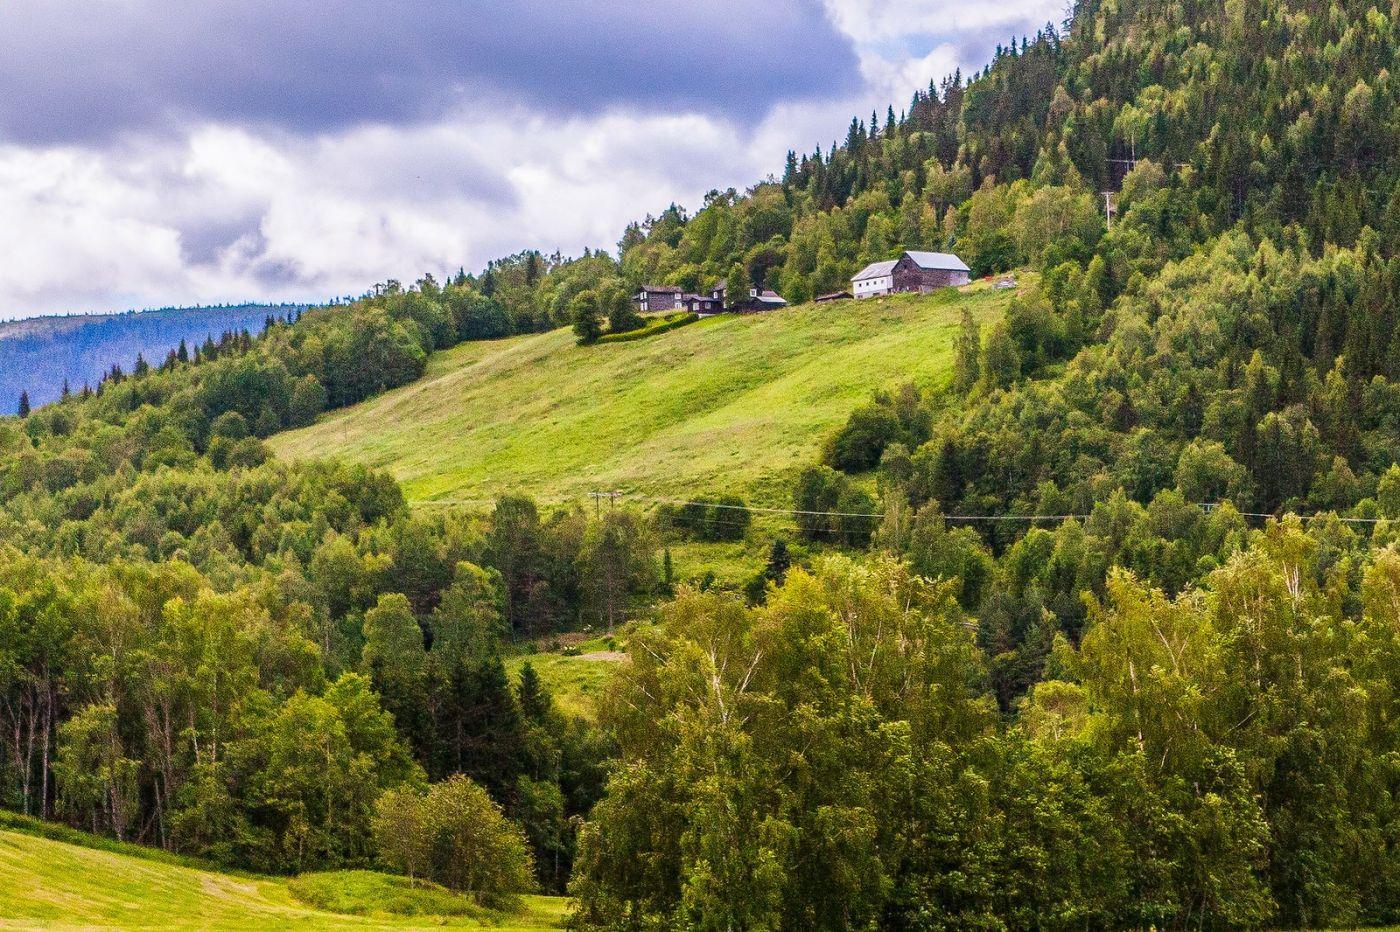 北欧风光,风景美如画_图1-2